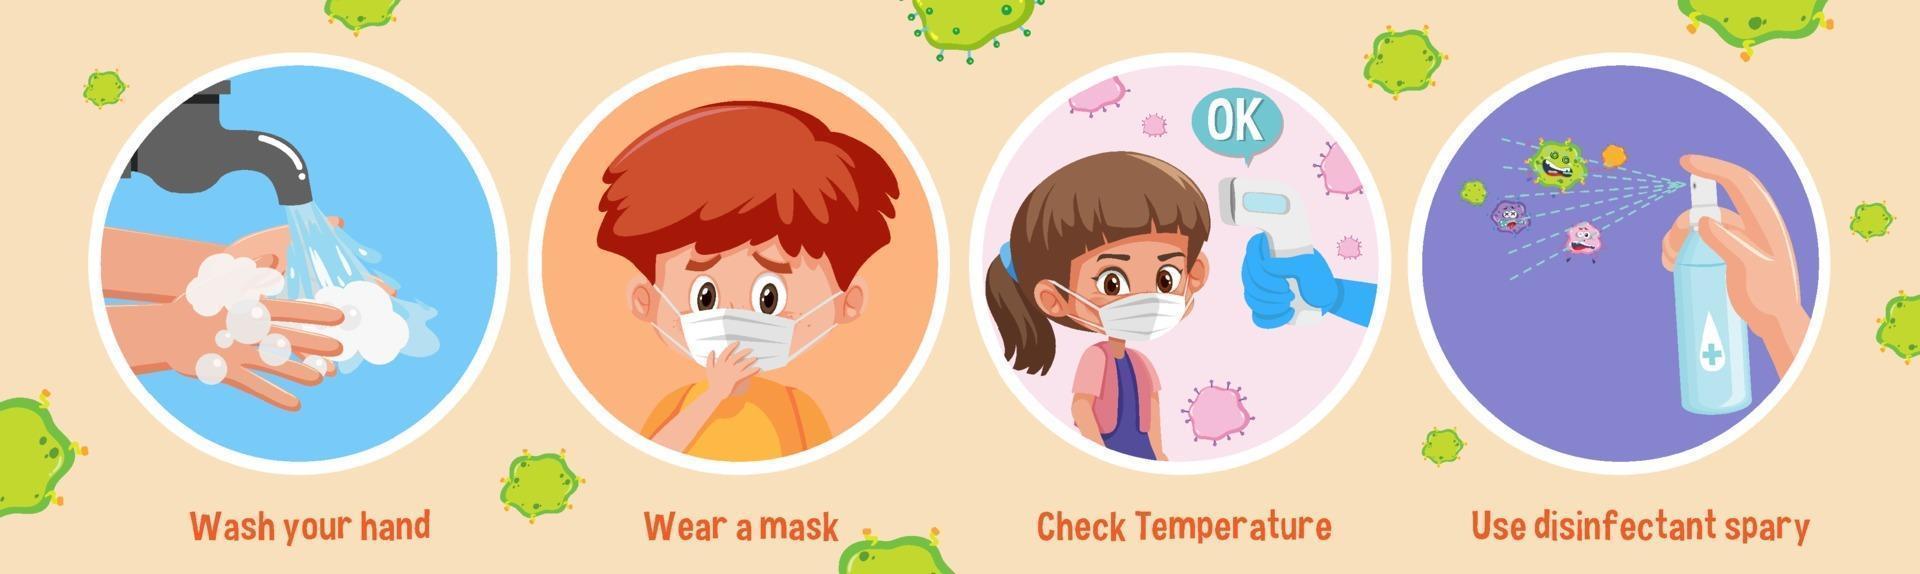 infographie de dessin animé de prévention des coronavirus vecteur